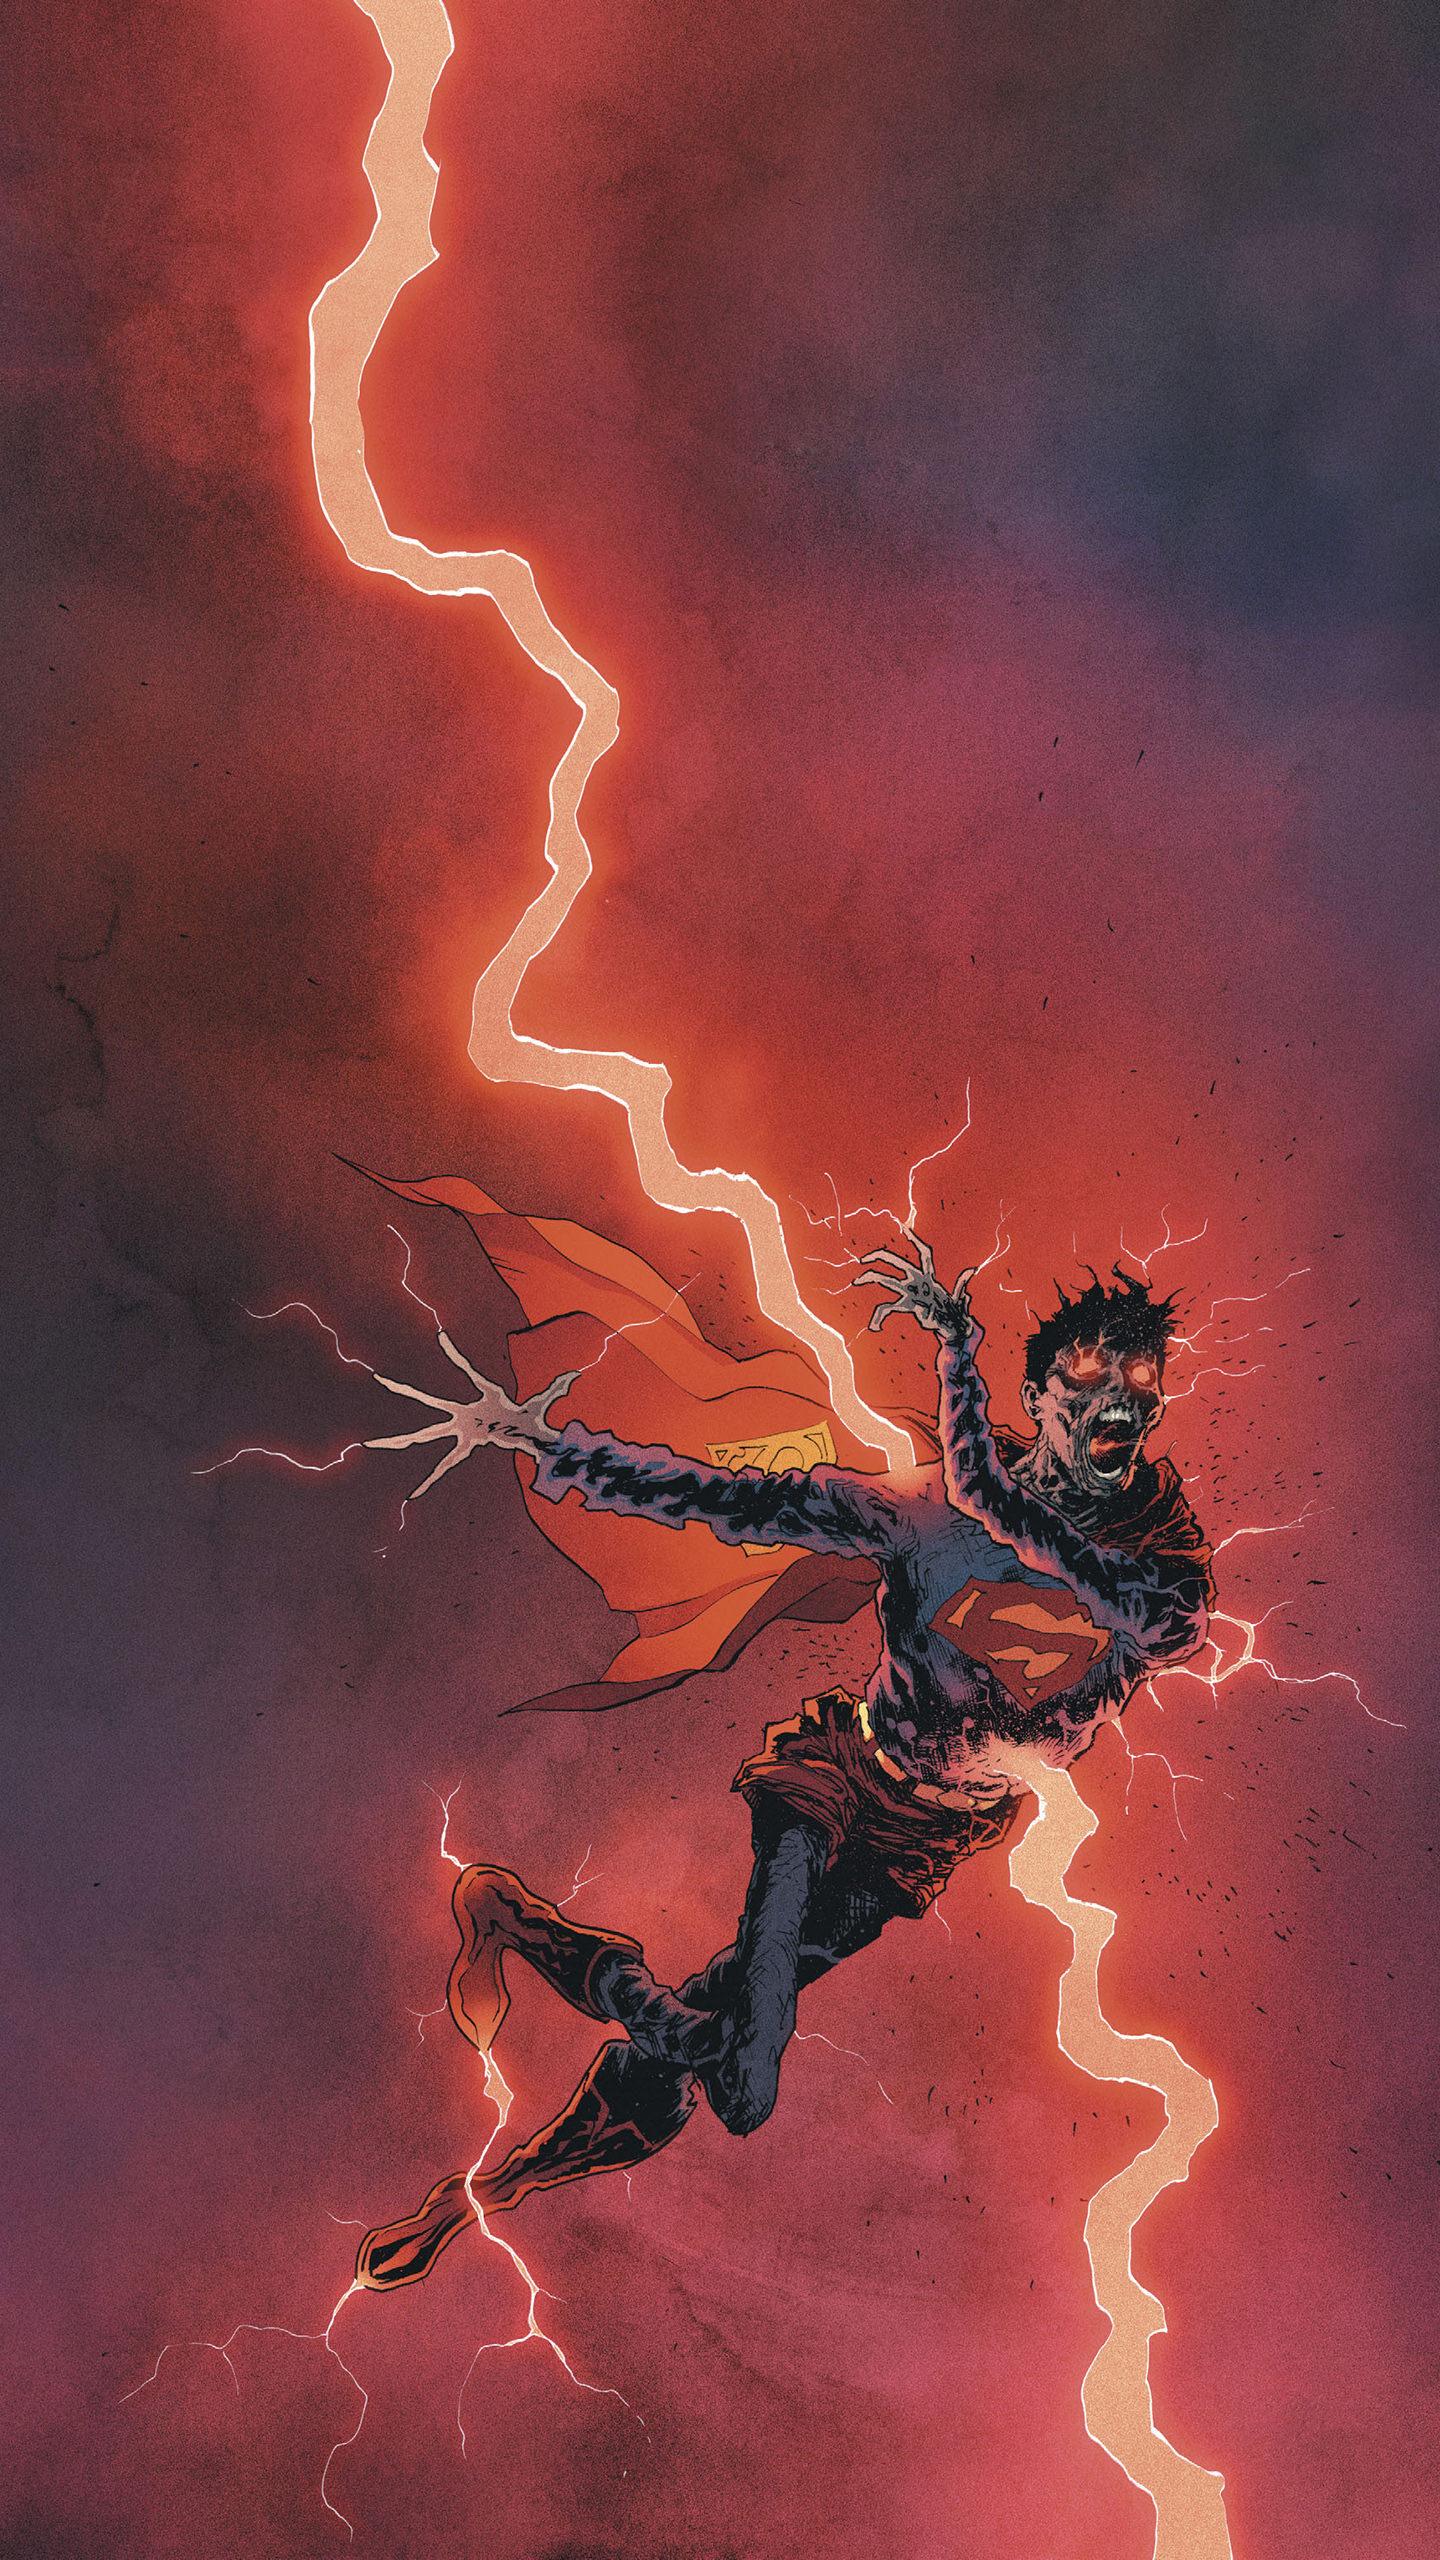 9张dc漫画英雄手绘壁纸,超人不小心遭雷劈